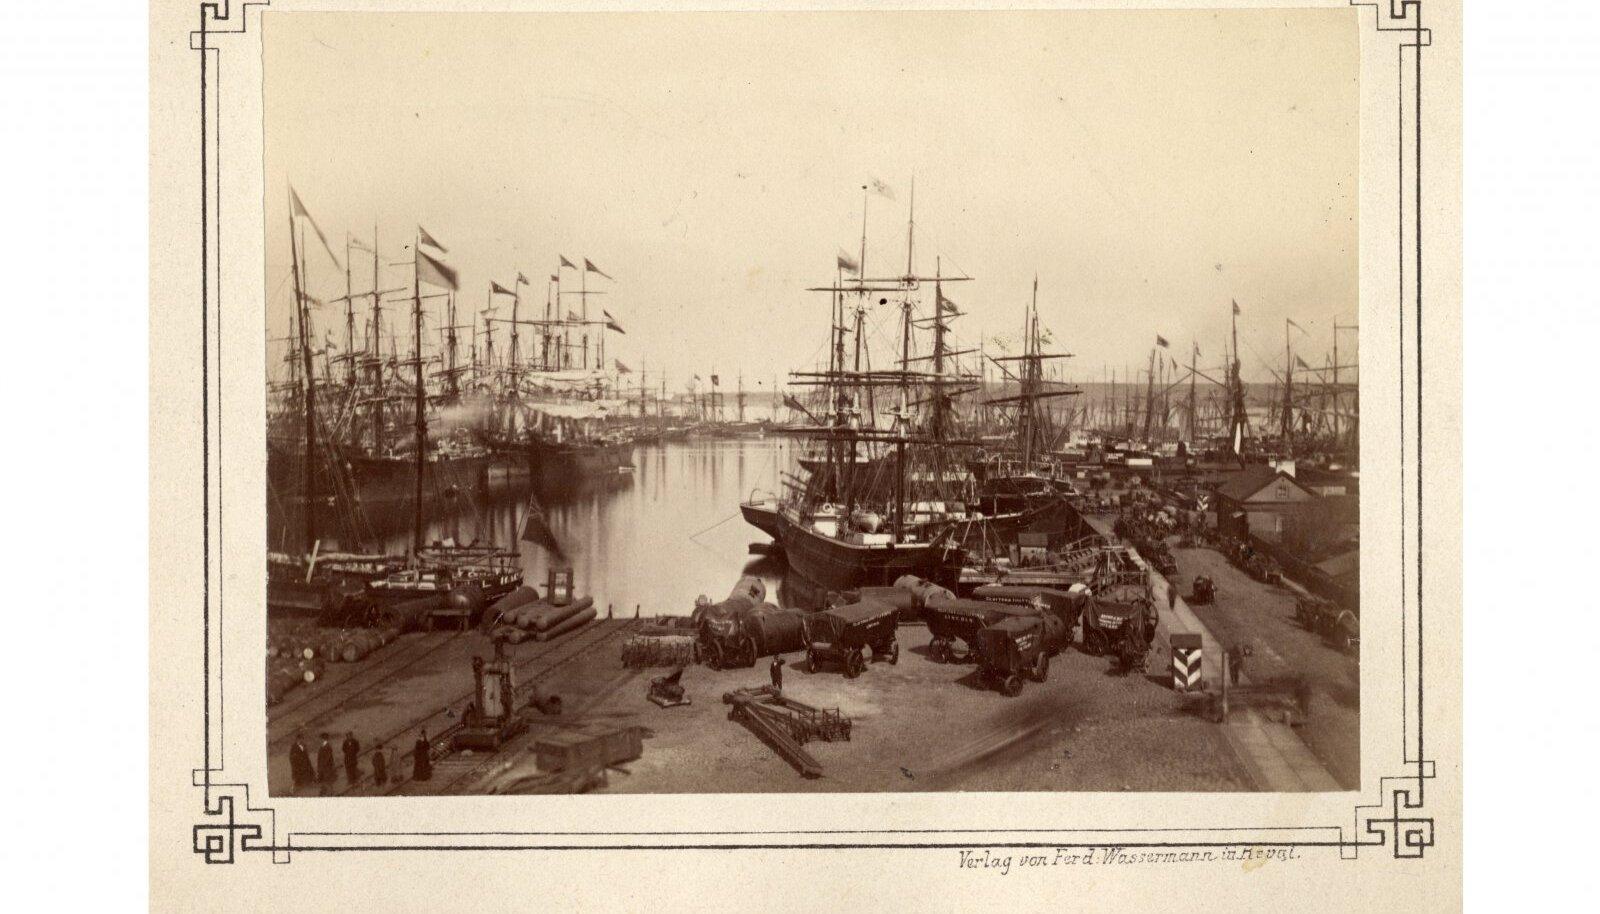 Tallinna sadam aastal 1870. Auvärav, kus põles kaarlamp, paiknes tõenäoliselt kohas, mis jääb pildi all vasakusse nurka.